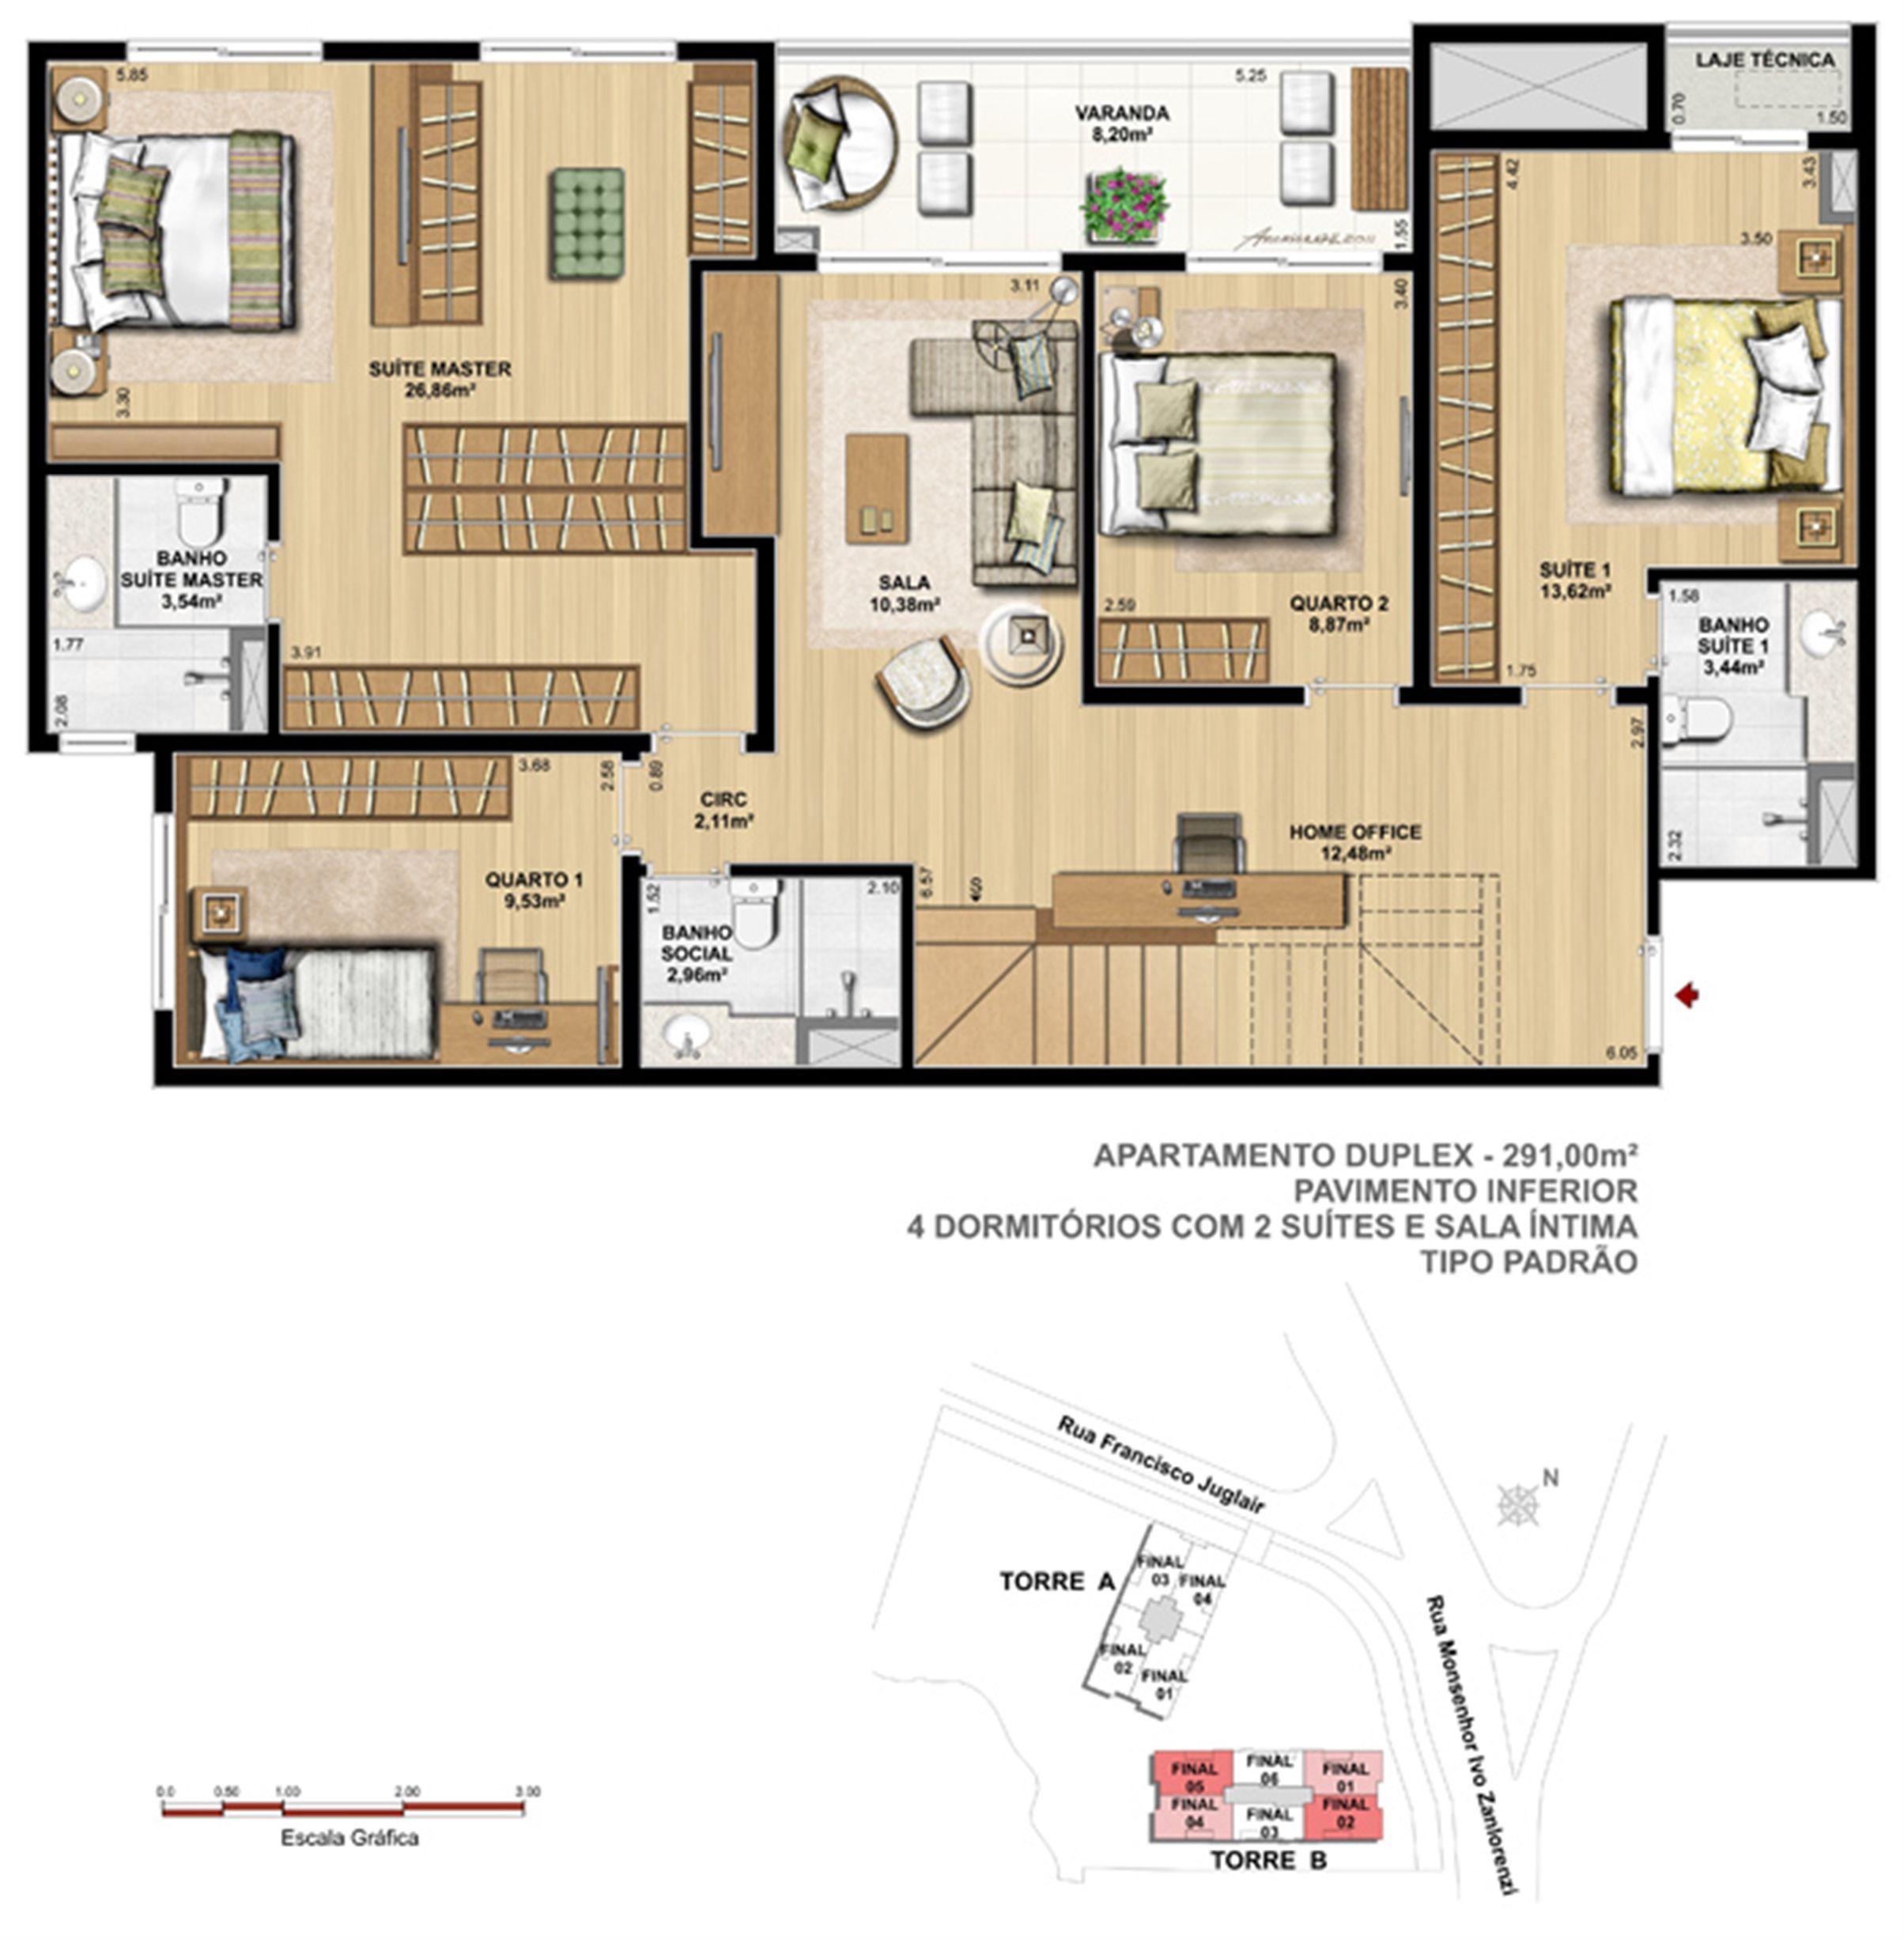 Torre 1 - 2 suítes - Cobertura superior - Tipo padrão | Reserva Juglair Ecoville – Apartamento no  Ecoville - Curitiba - Paraná